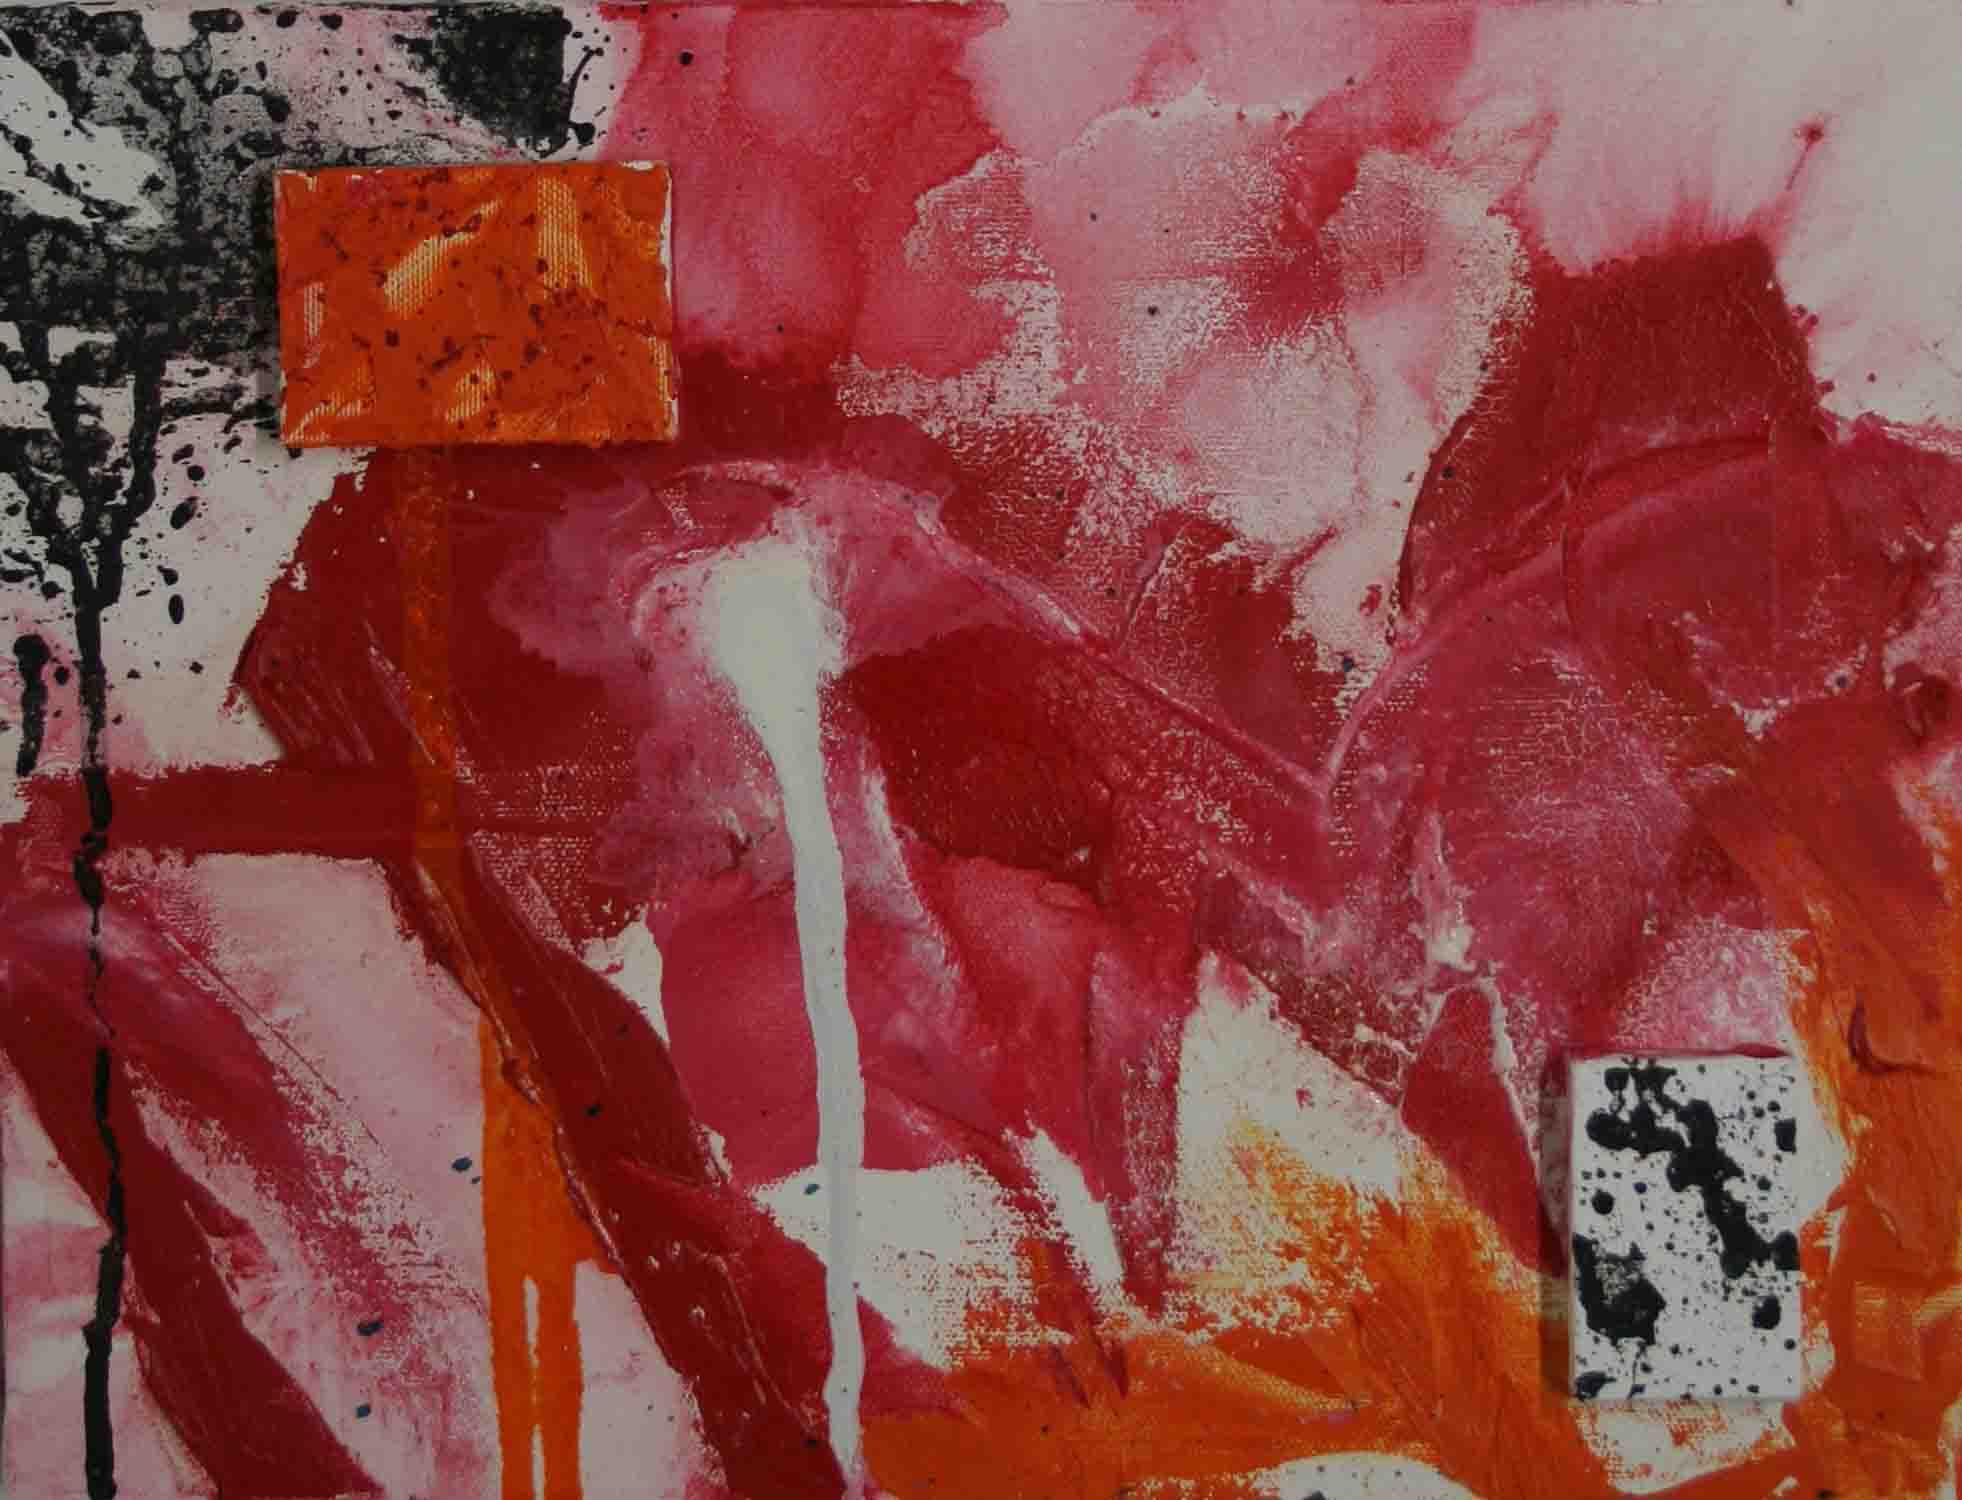 tableau abstrait implications imposées en rouge et orange